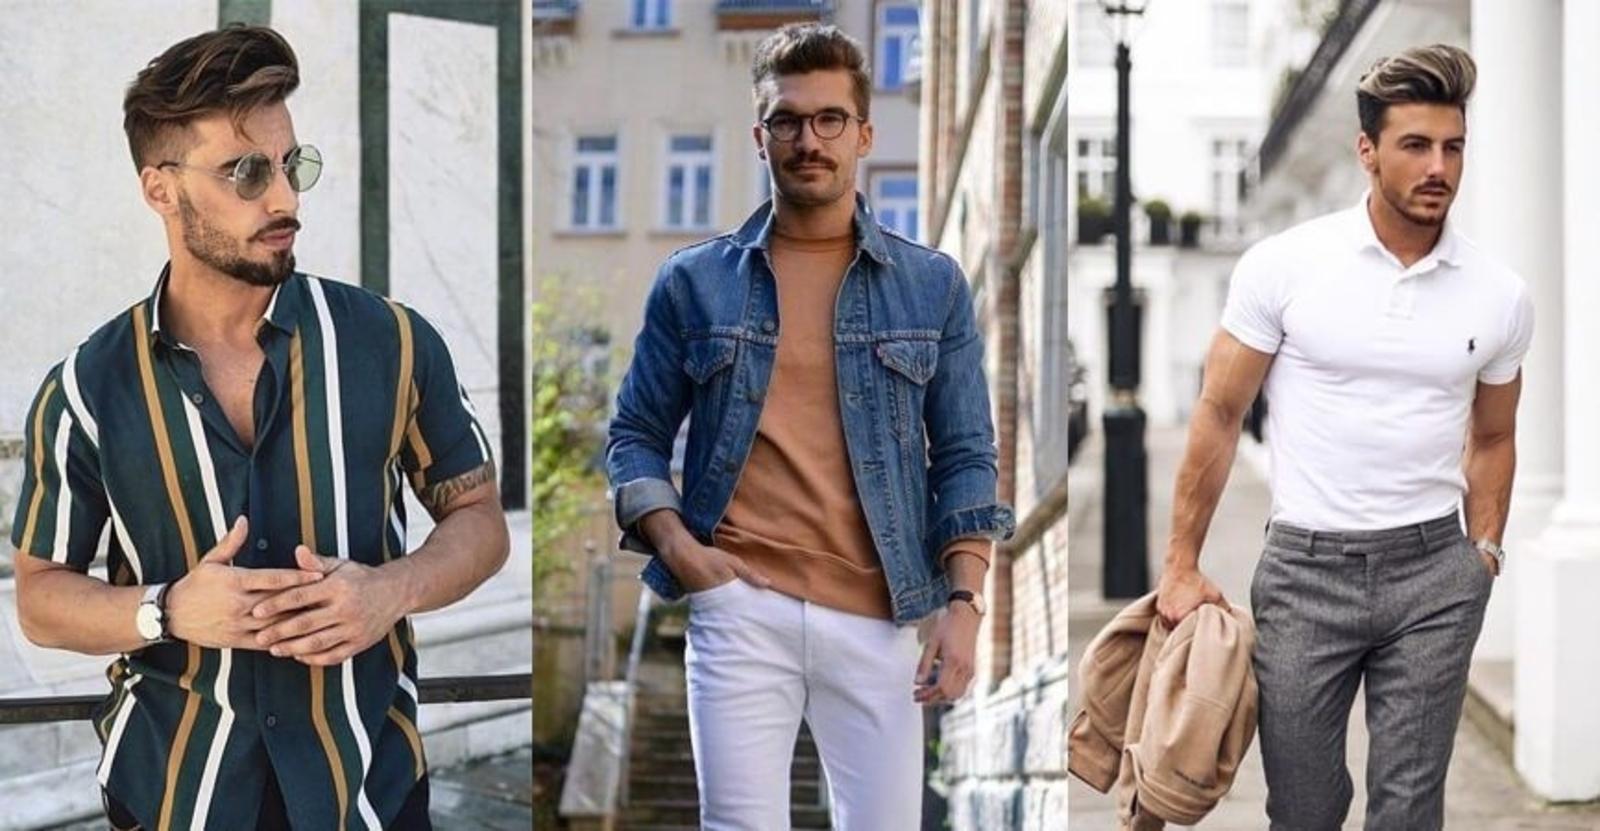 Los mejores outfits masculinos para la vuelta a la universidad